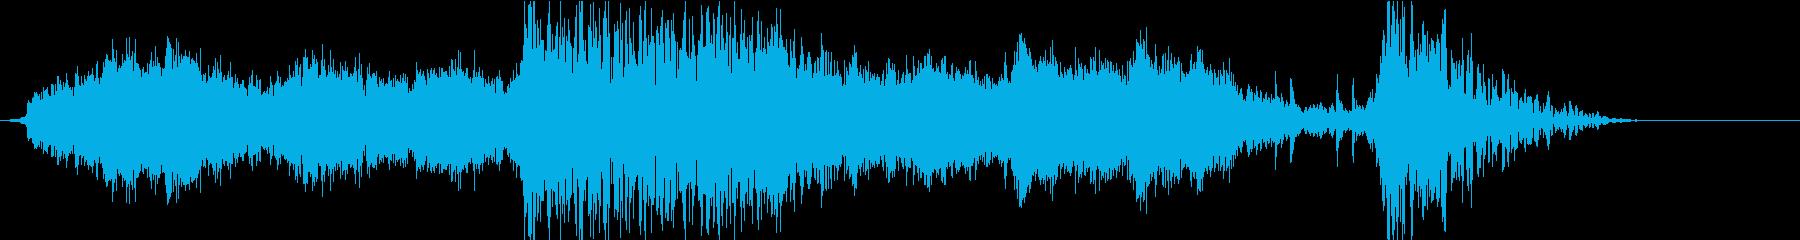 実験的な アンビエント バトル 焦...の再生済みの波形